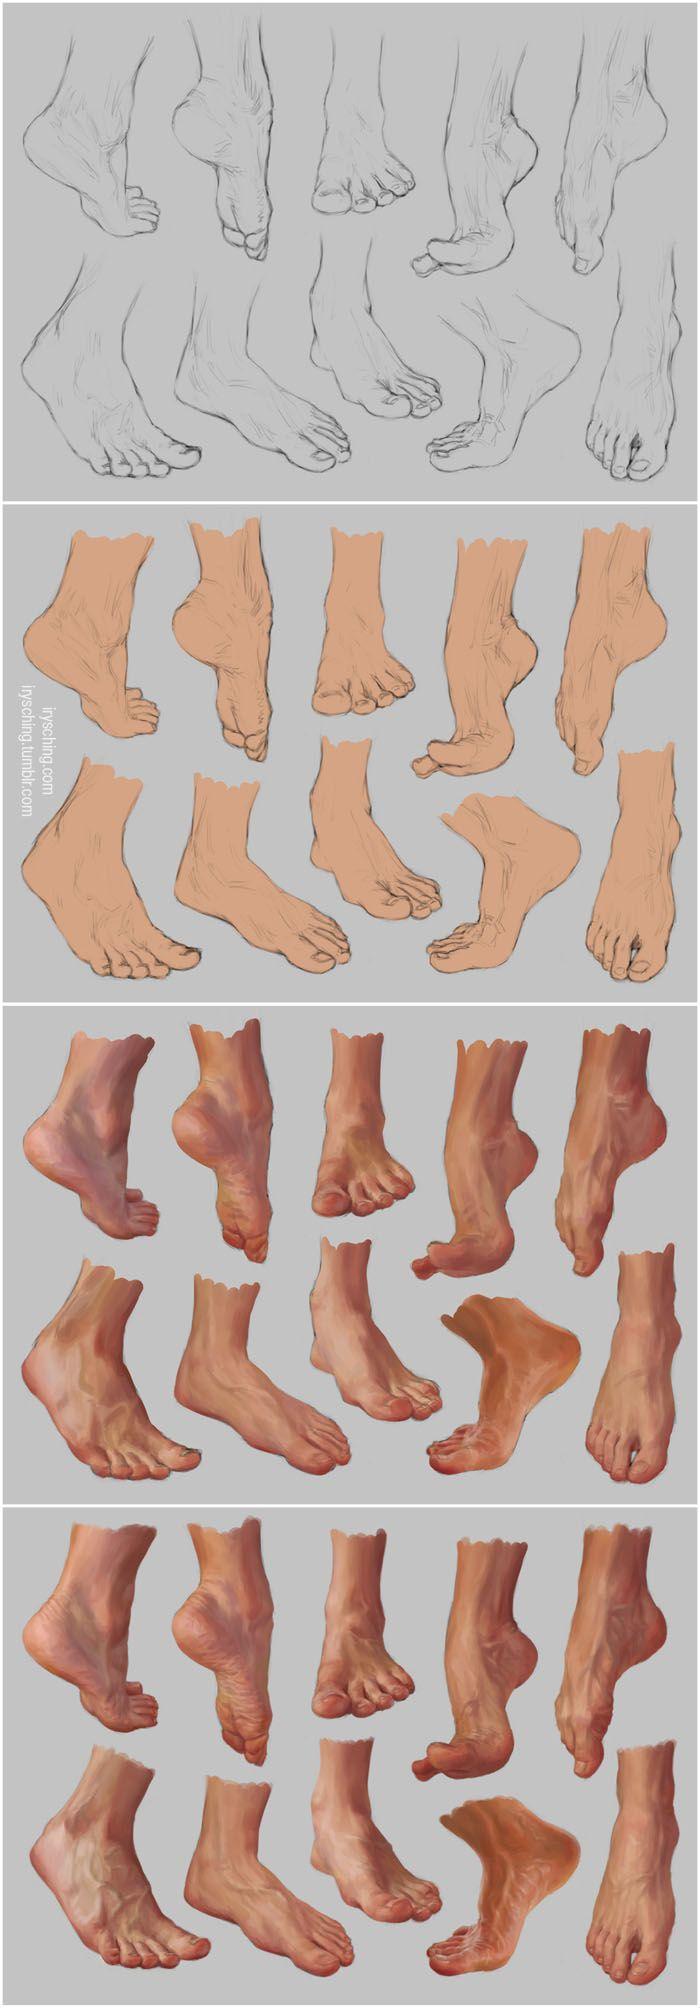 Feet Study 2 - Steps by ~irysching on deviantART